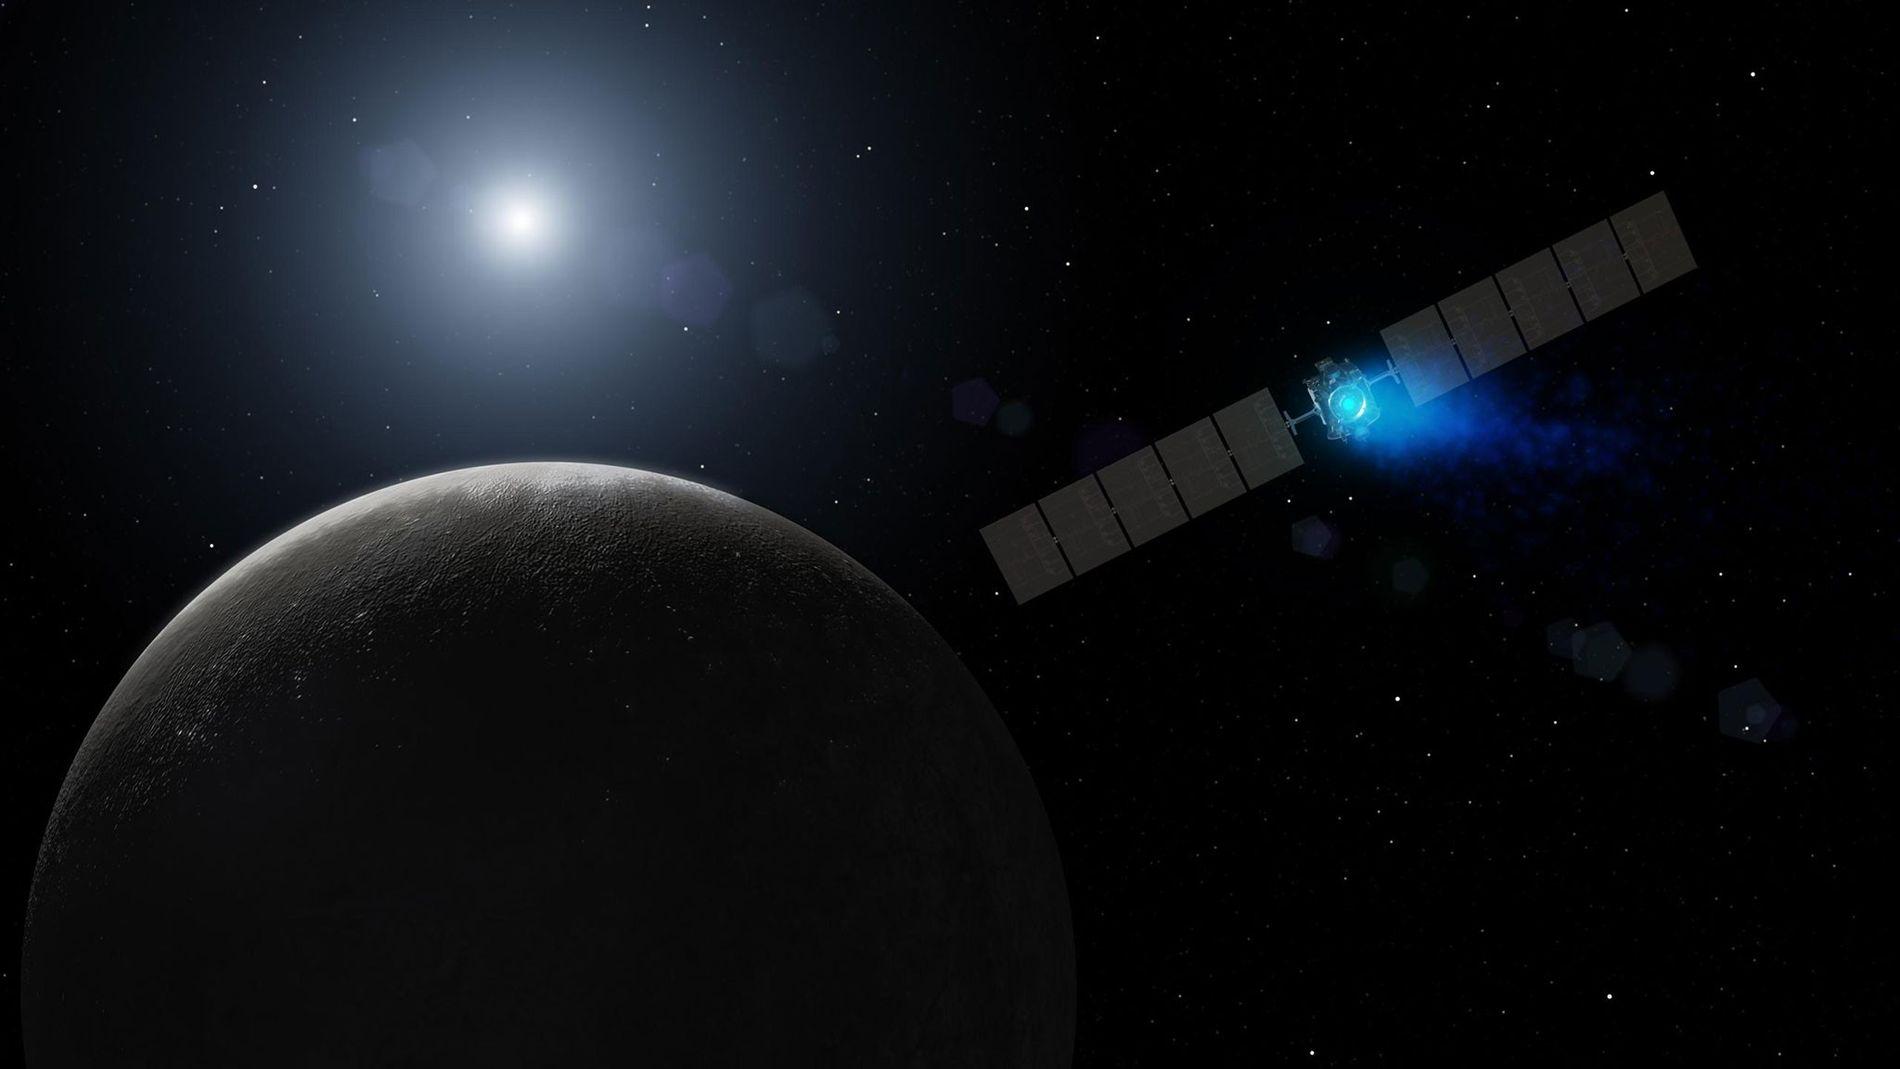 Dawn, la sonde spatiale de la NASA, arrive sur la planète naine Cérès sur cette vue ...